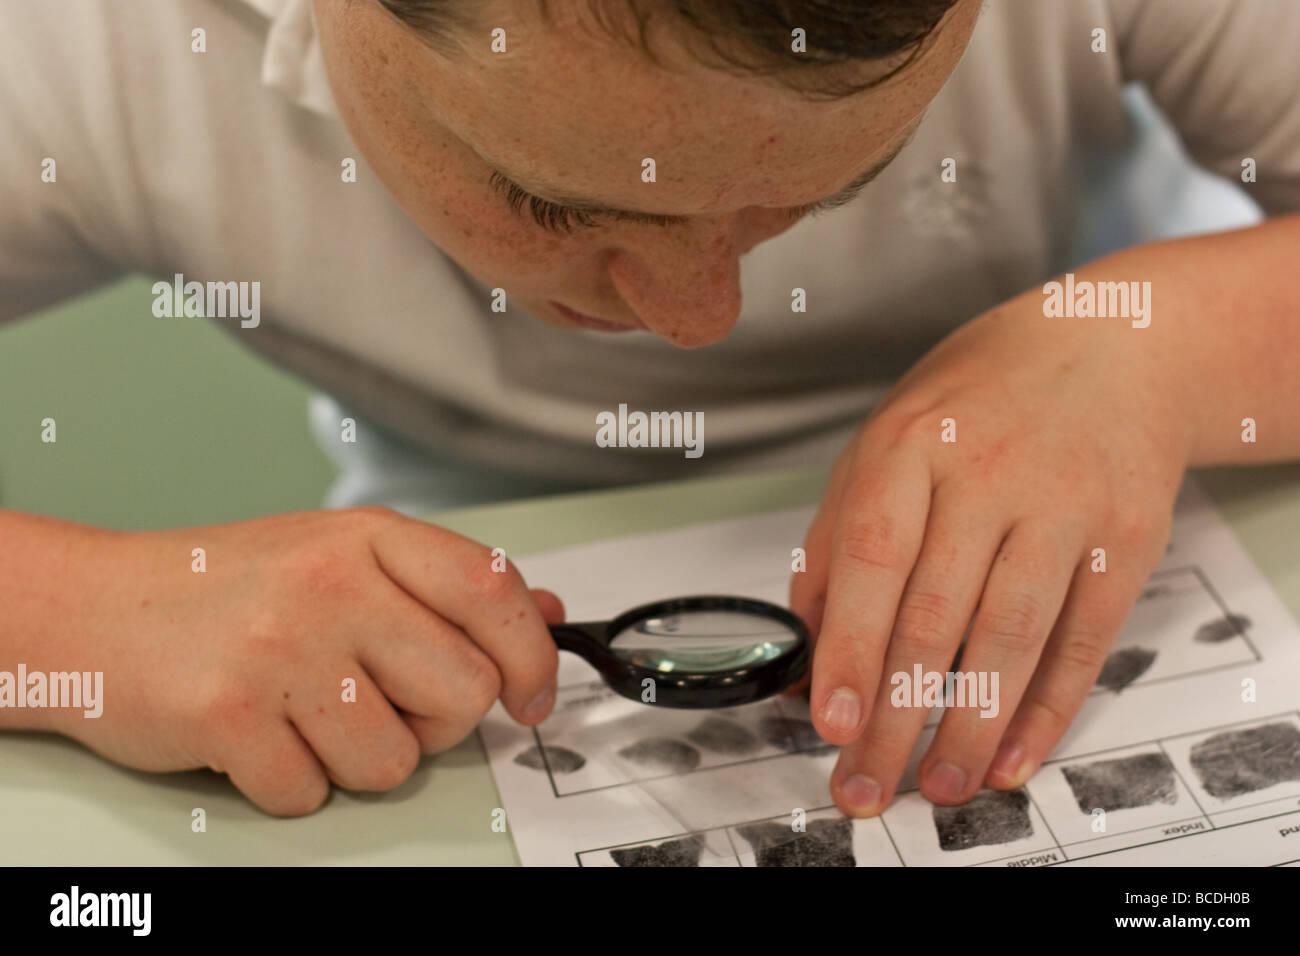 Les étudiants anglais pendant la leçon de chimie sur l'apprentissage des empreintes digitales Photo Stock